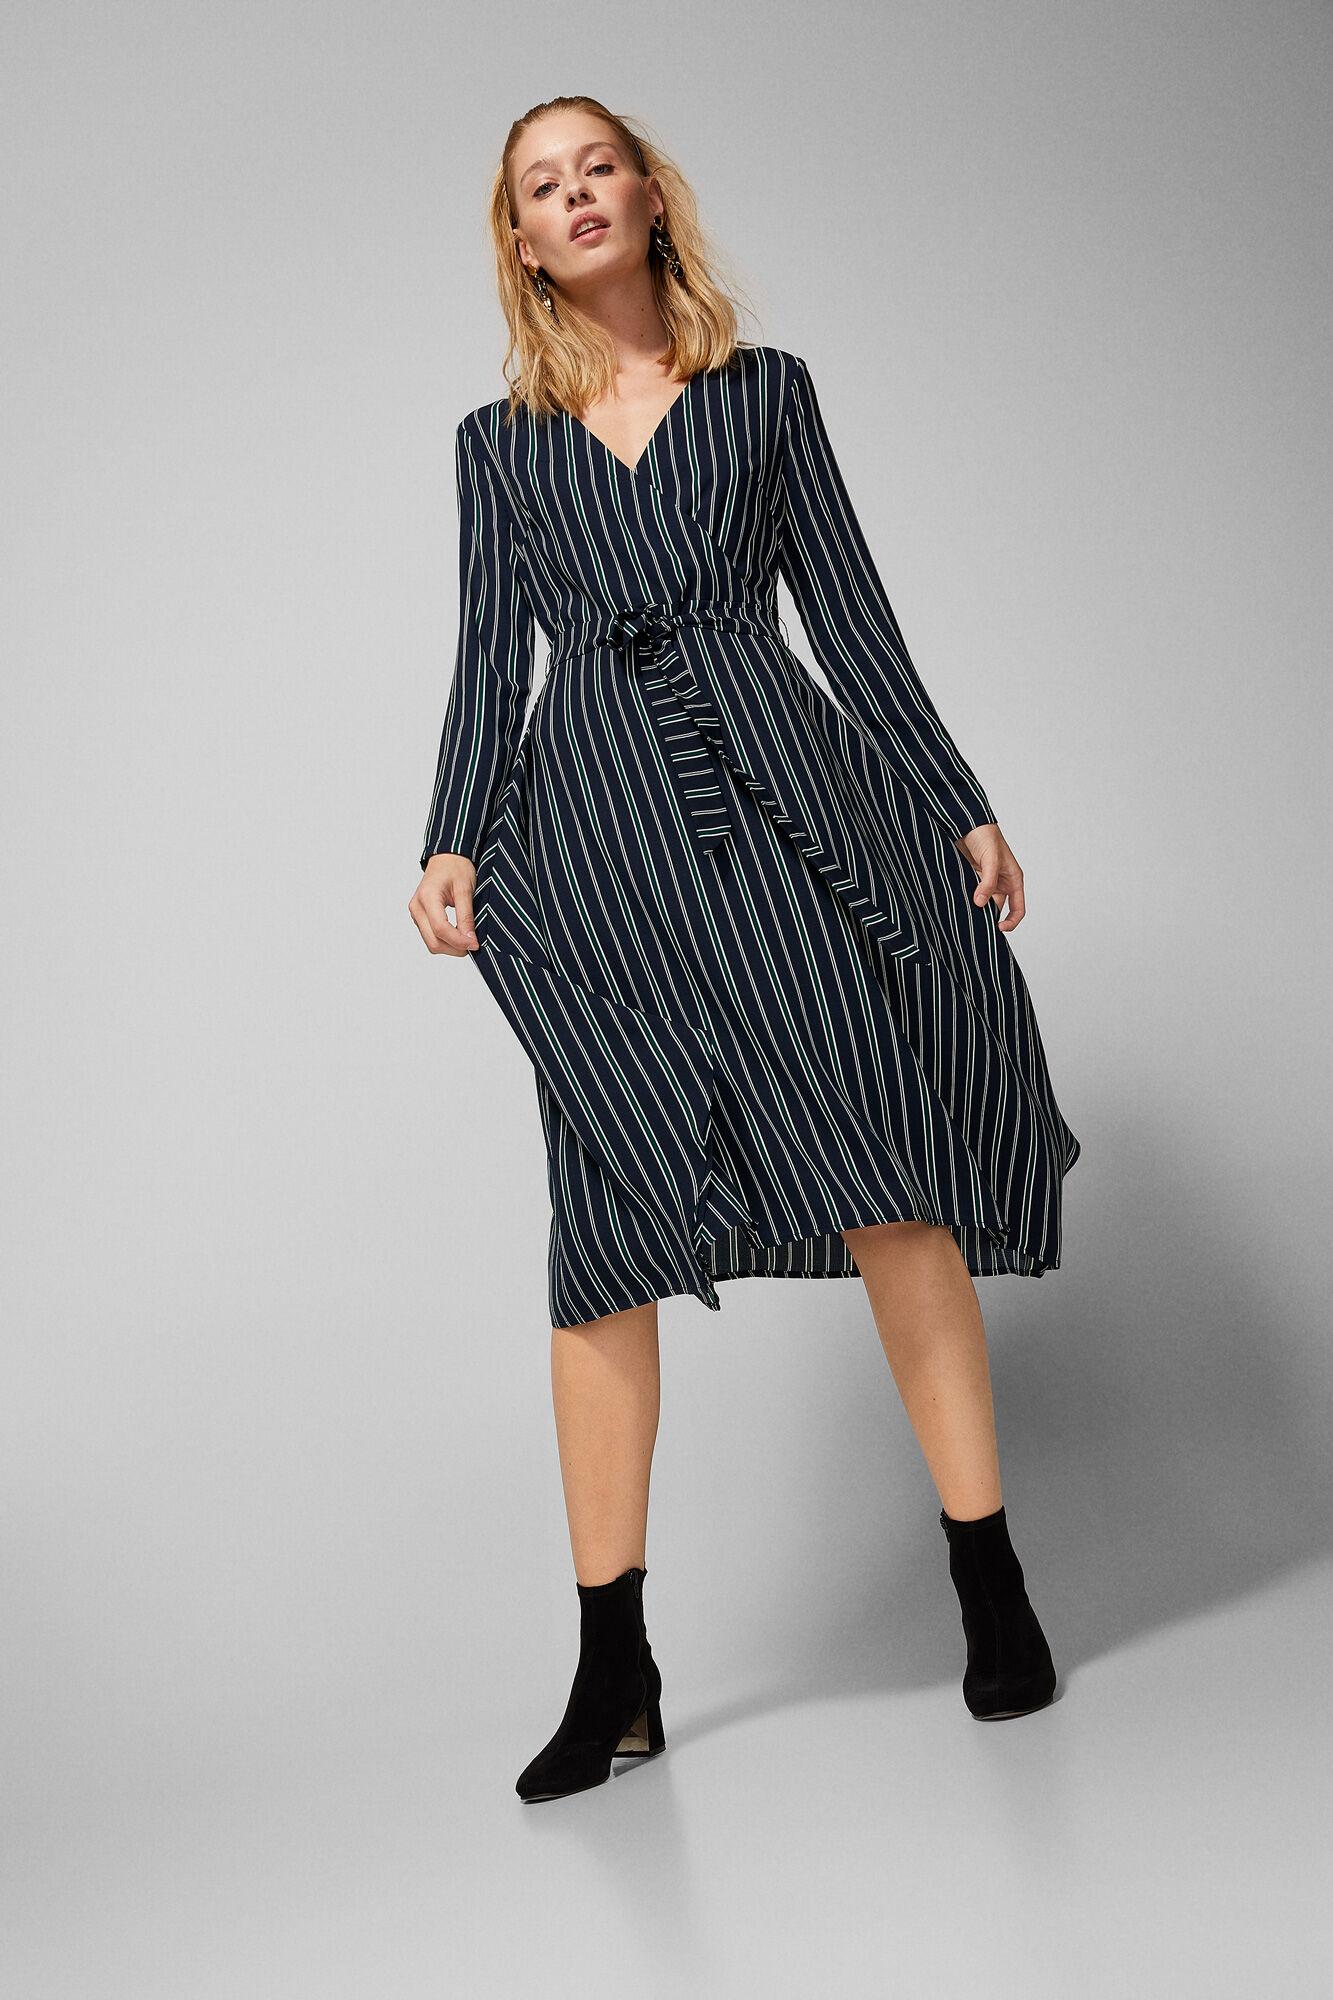 baratas para la venta más fotos los más valorados Para Mini Mujer – Vestidos Zara Bodas 4qc35LRjSA